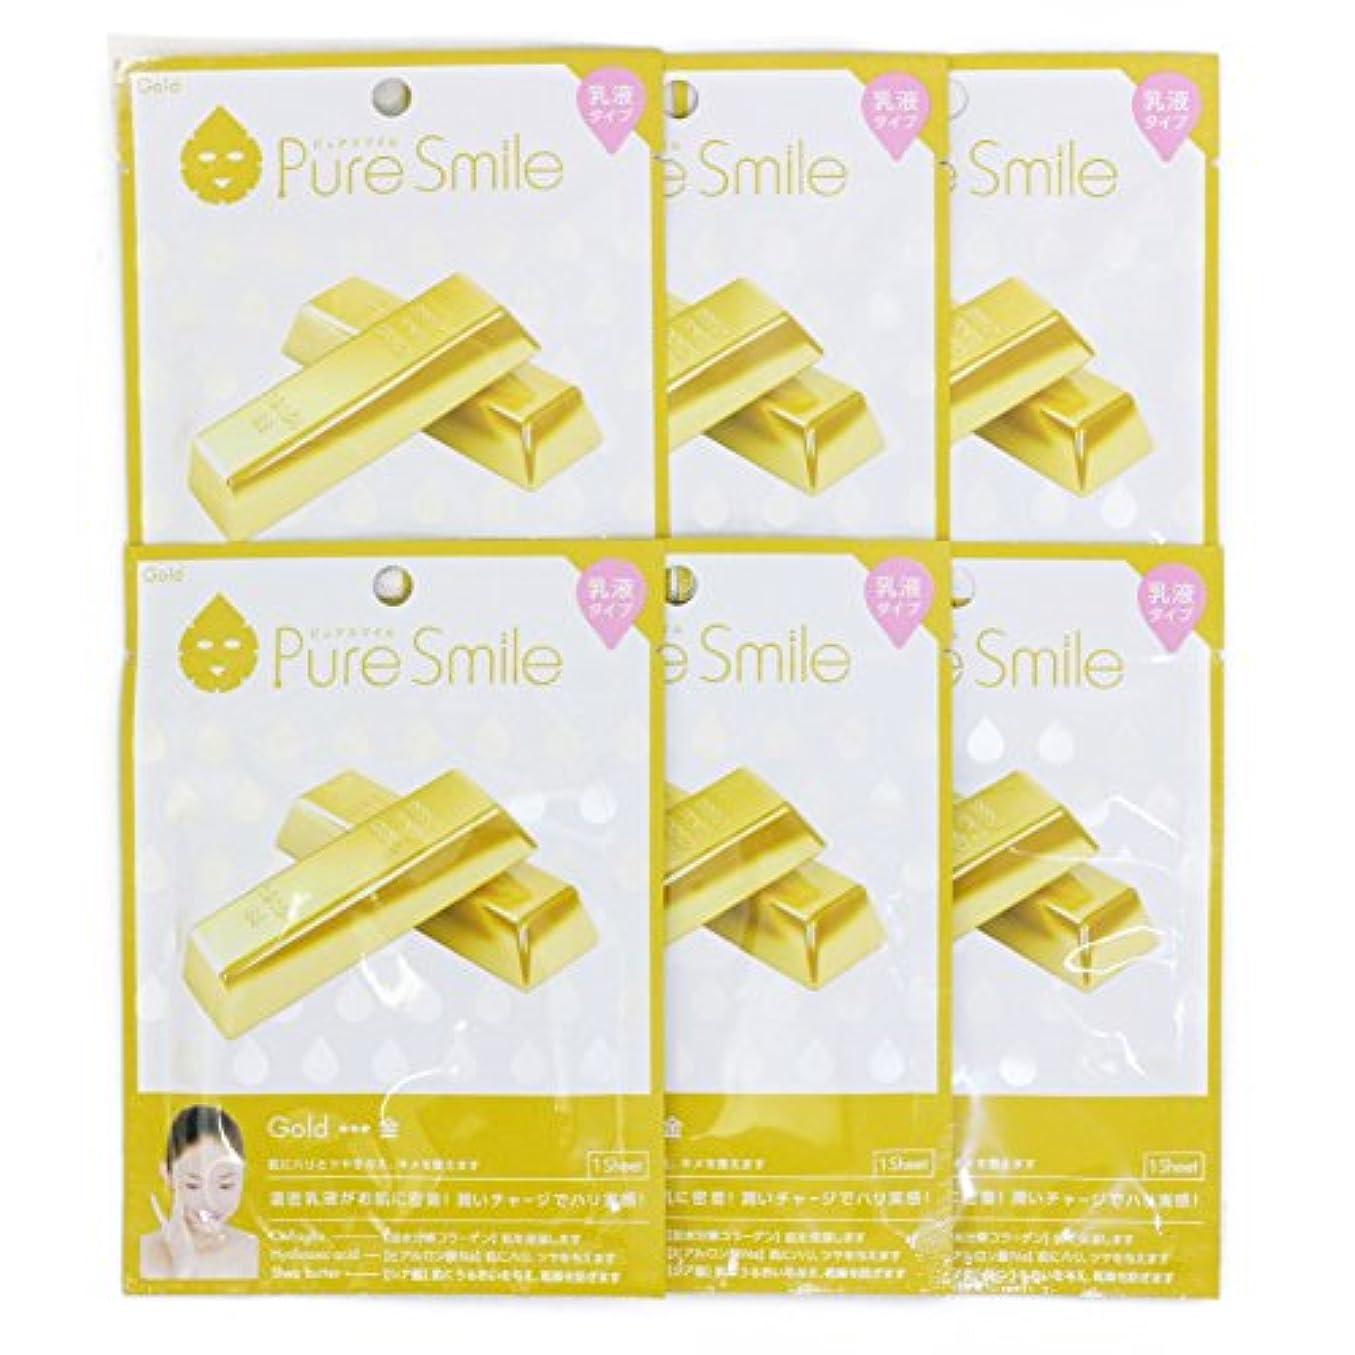 ボア事業観察Pure Smile ピュアスマイル 乳液エッセンスマスク 金 6枚セット